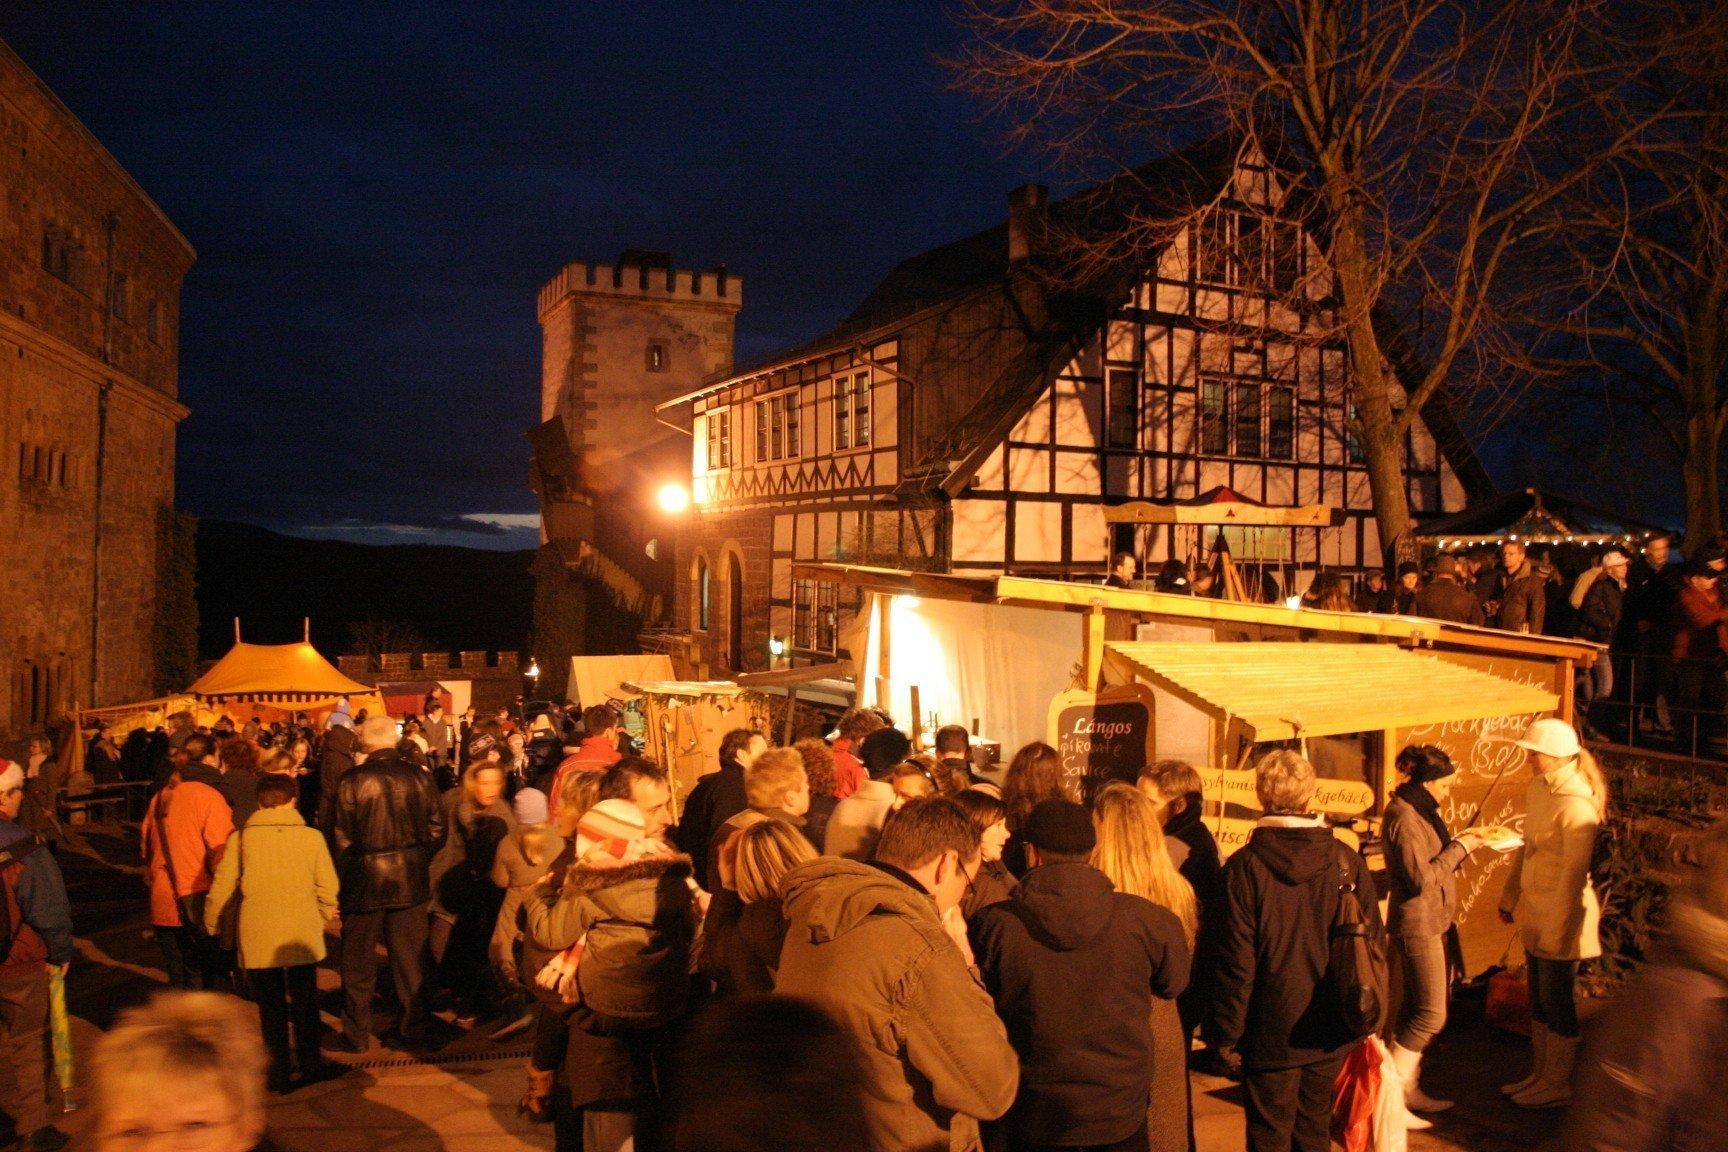 Romantische Burgatmosphäre: Mittelalterlicher Weihnachtsmarkt auf der Wartburg in Eisenach (Foto: © Wartburg-Stiftung)